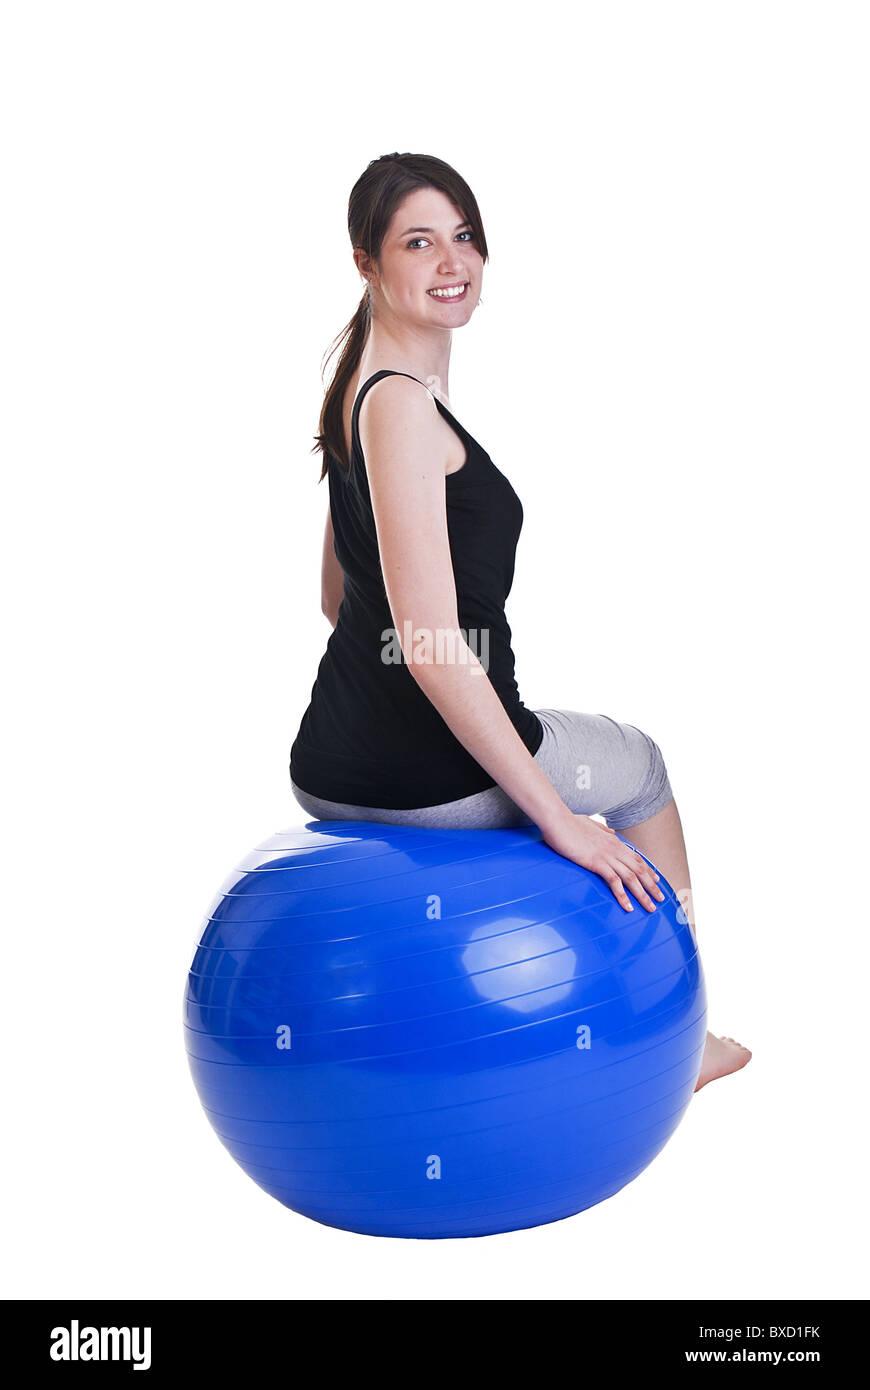 Young woman sitting on gymnastics ball - Stock Image